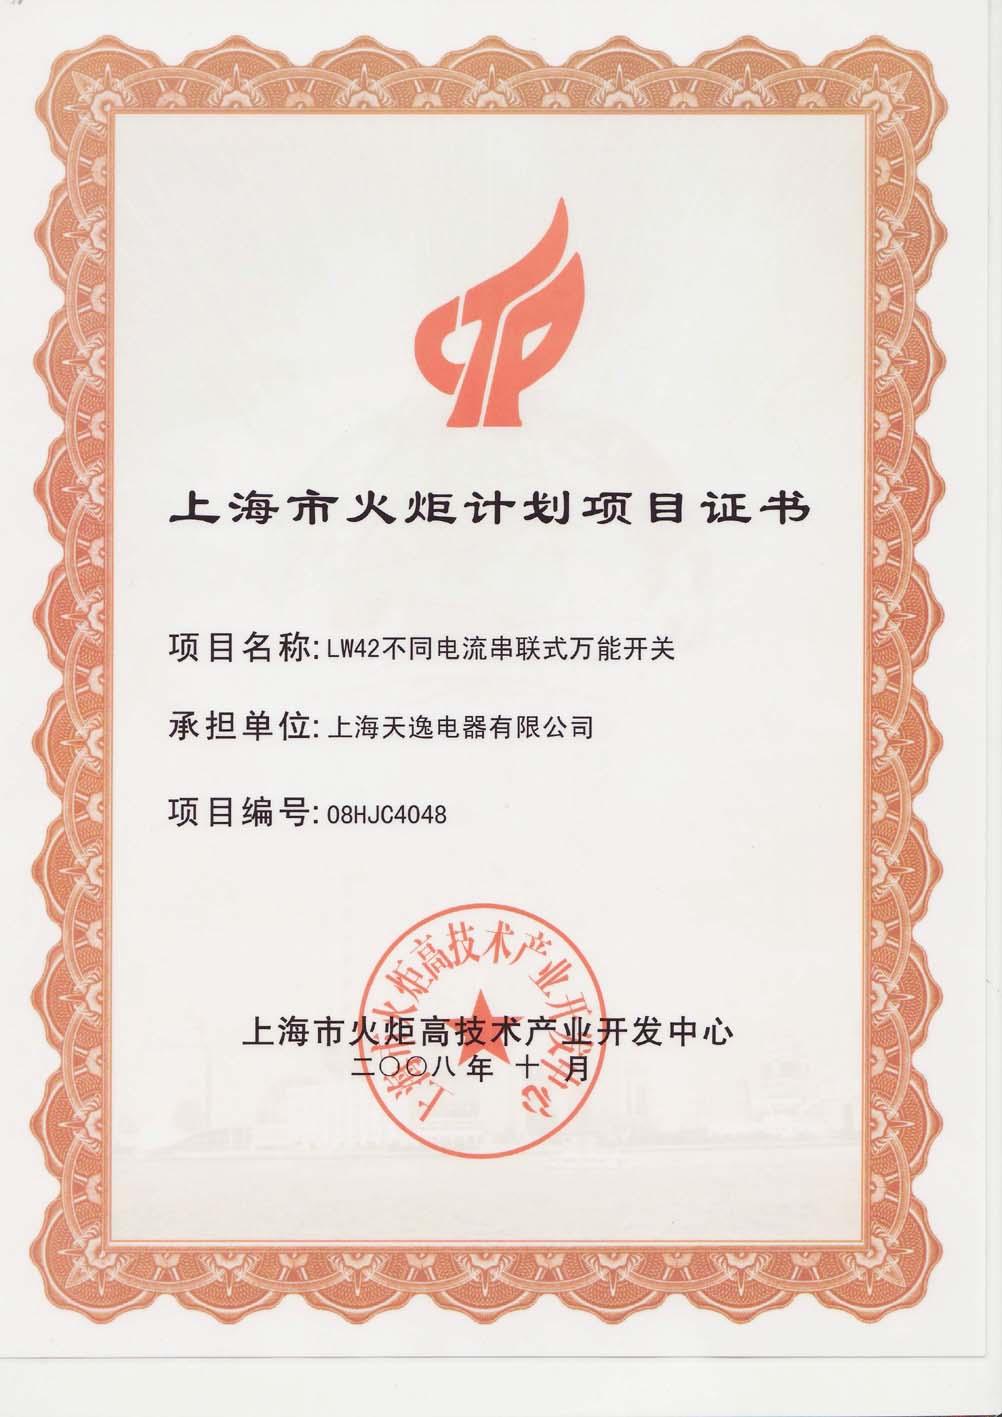 上海市火炬计划项目(万转)